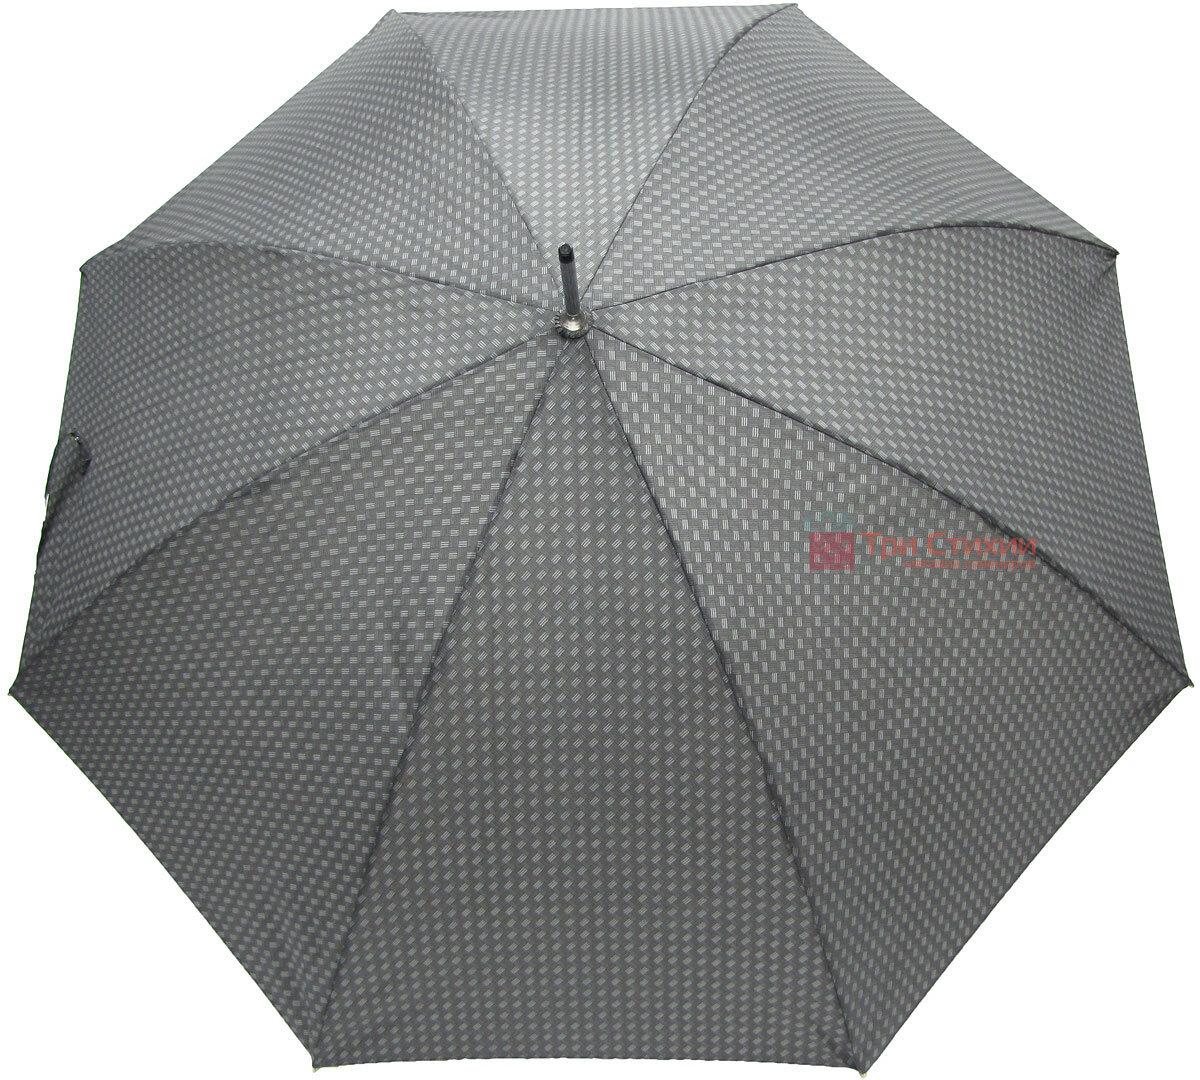 Зонт-трость Doppler 740167-5 полуавтомат Паркет, фото